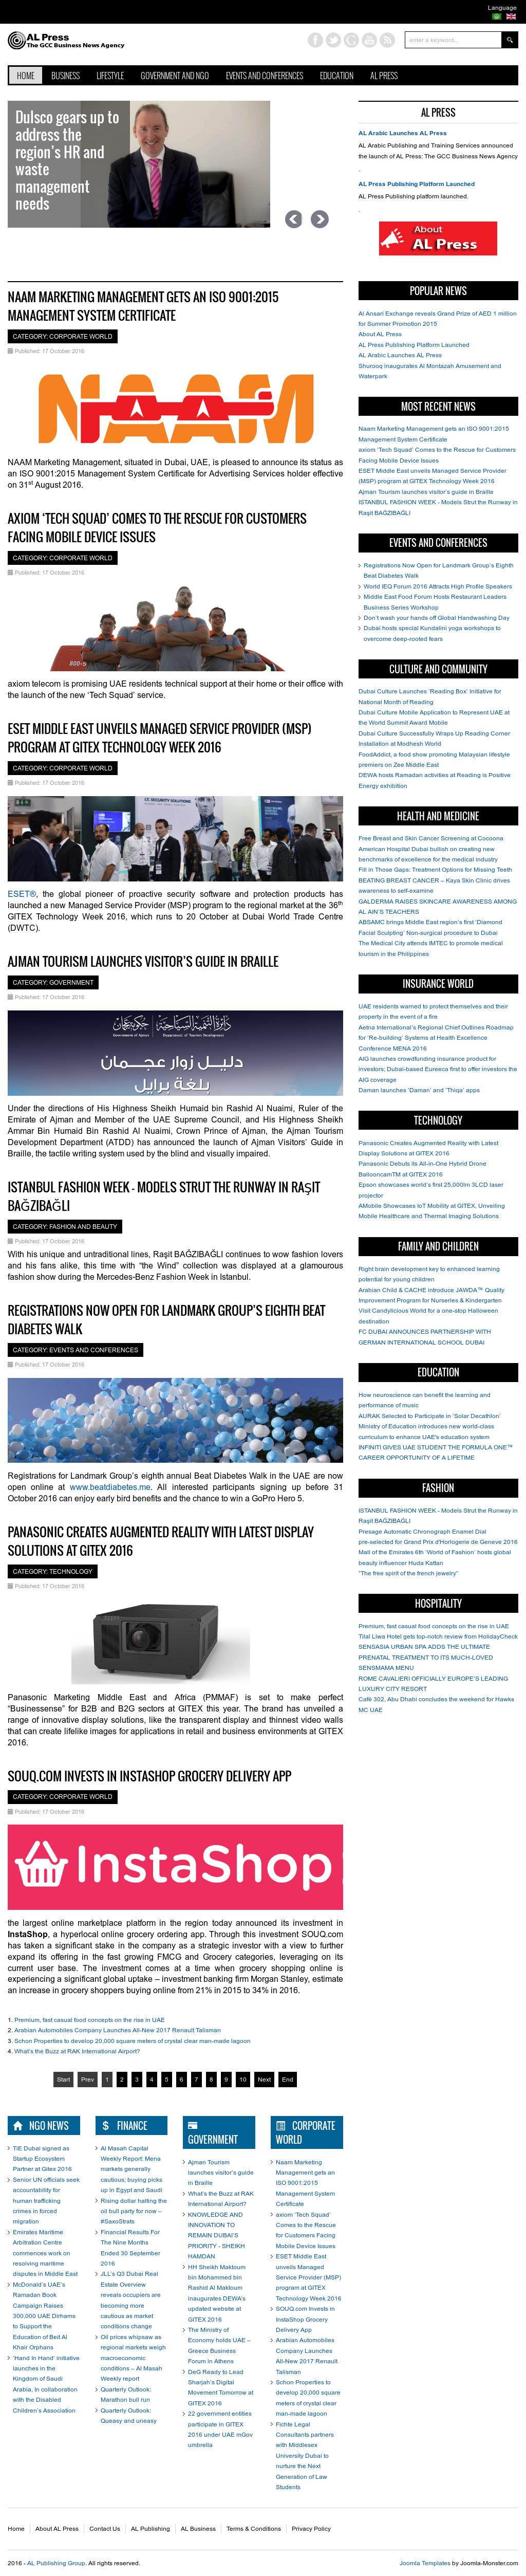 Al Press Competitors, Revenue and Employees - Owler Company Profile